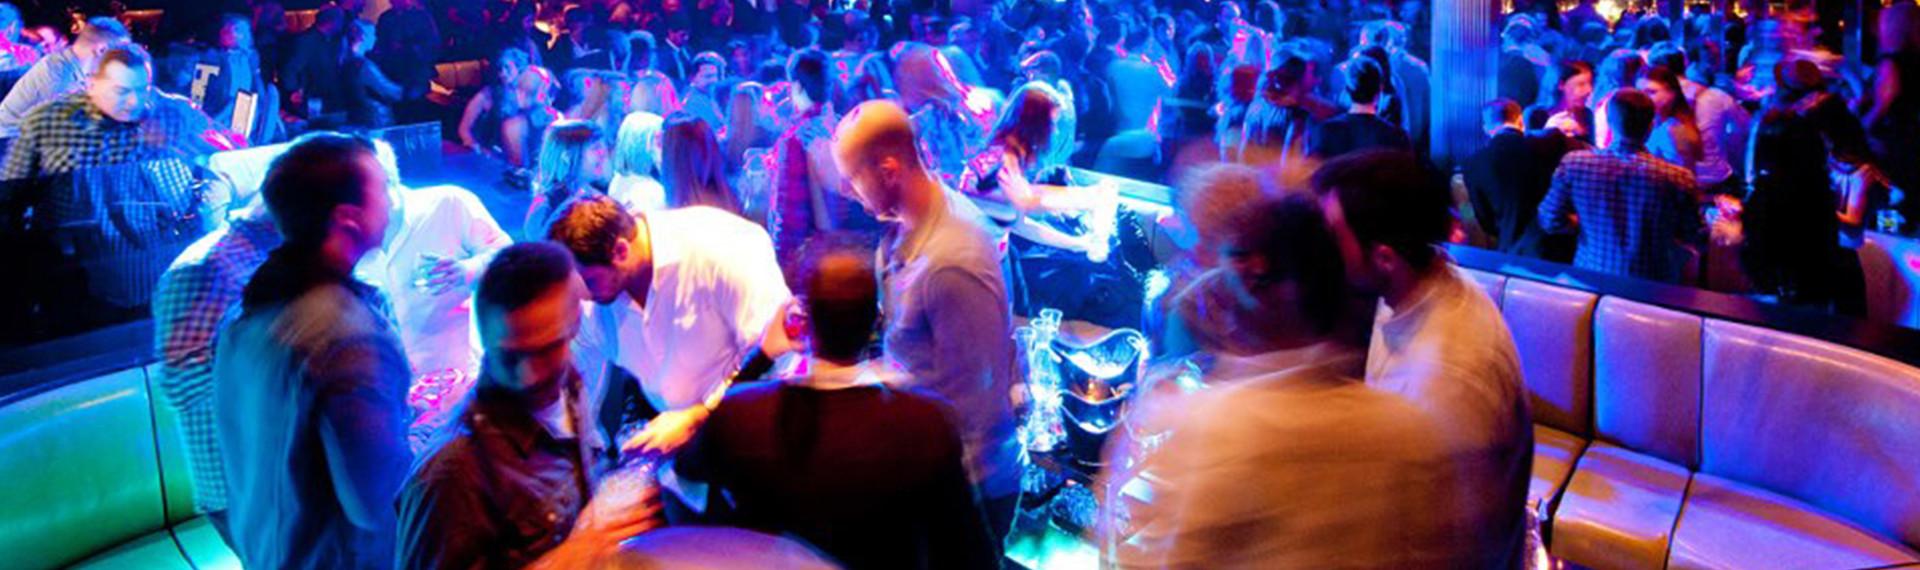 VIP Nachtclub Eintritt und Getränke Düsseldorf